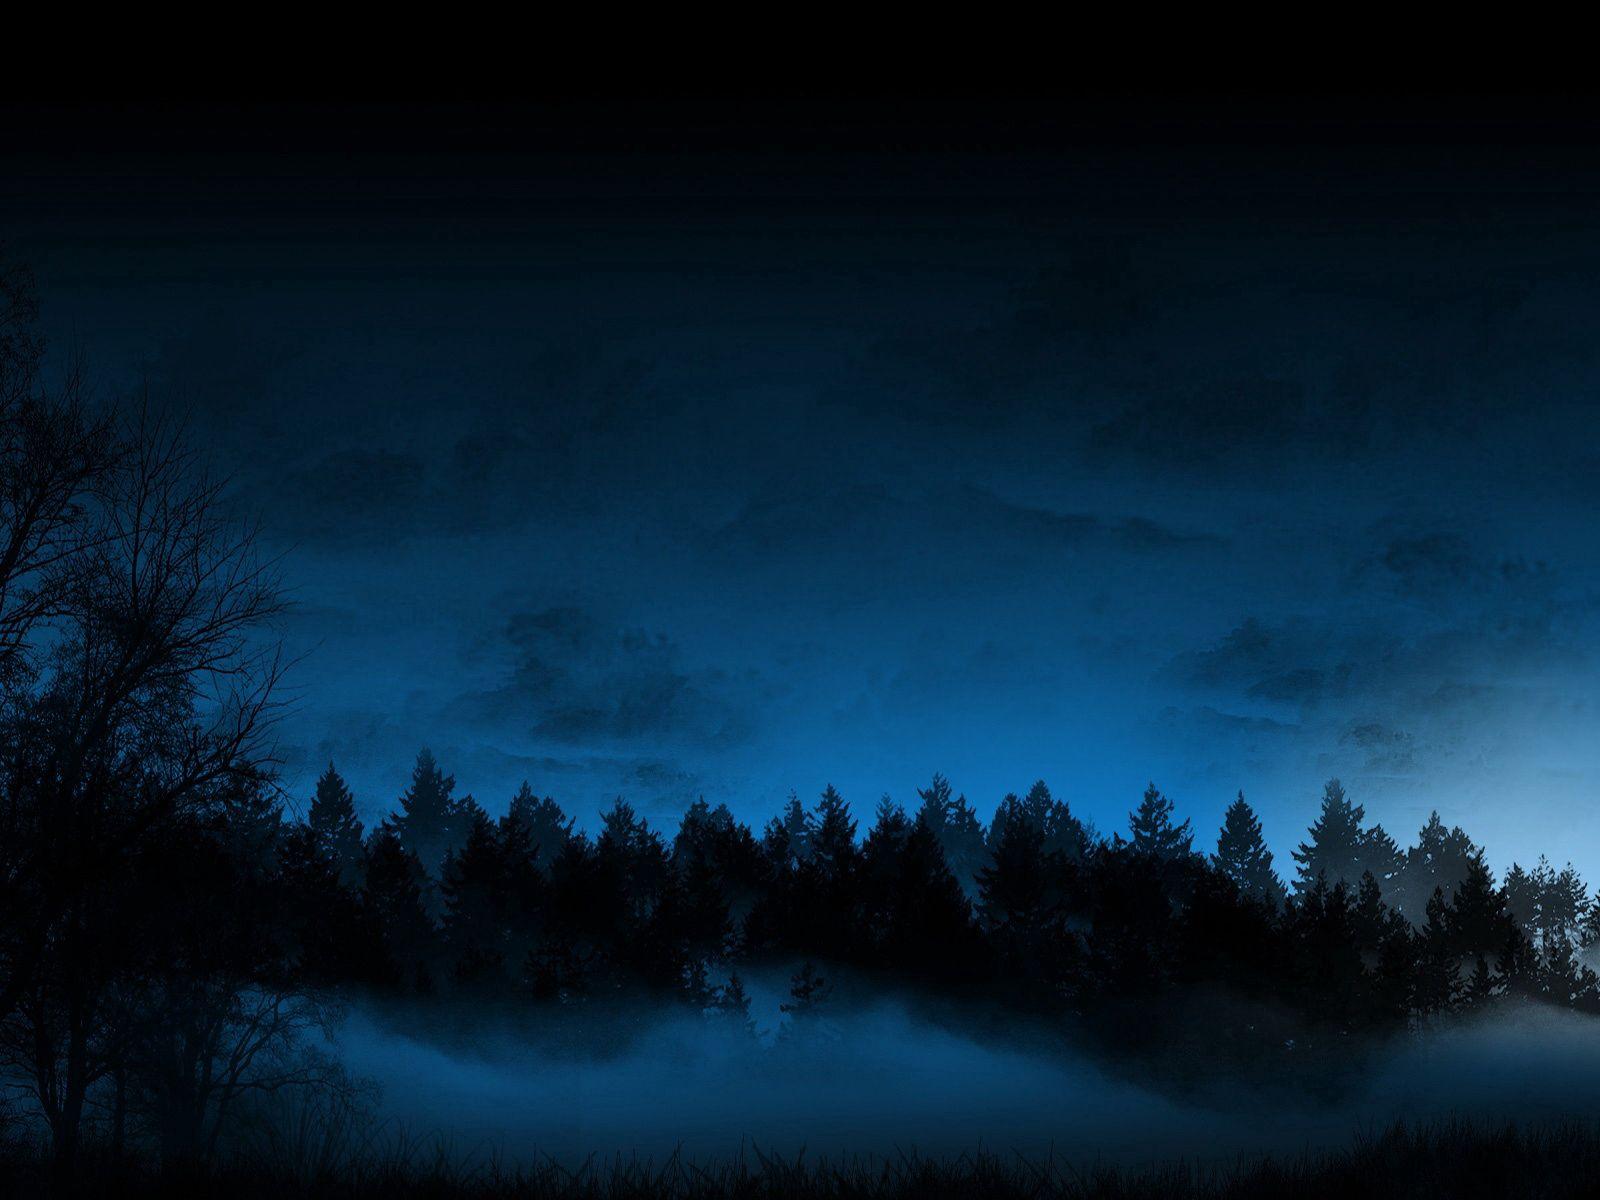 65533 обои 2160x3840 на телефон бесплатно, скачать картинки Темные, Деревья, Ночь, Туман, Ели 2160x3840 на мобильный